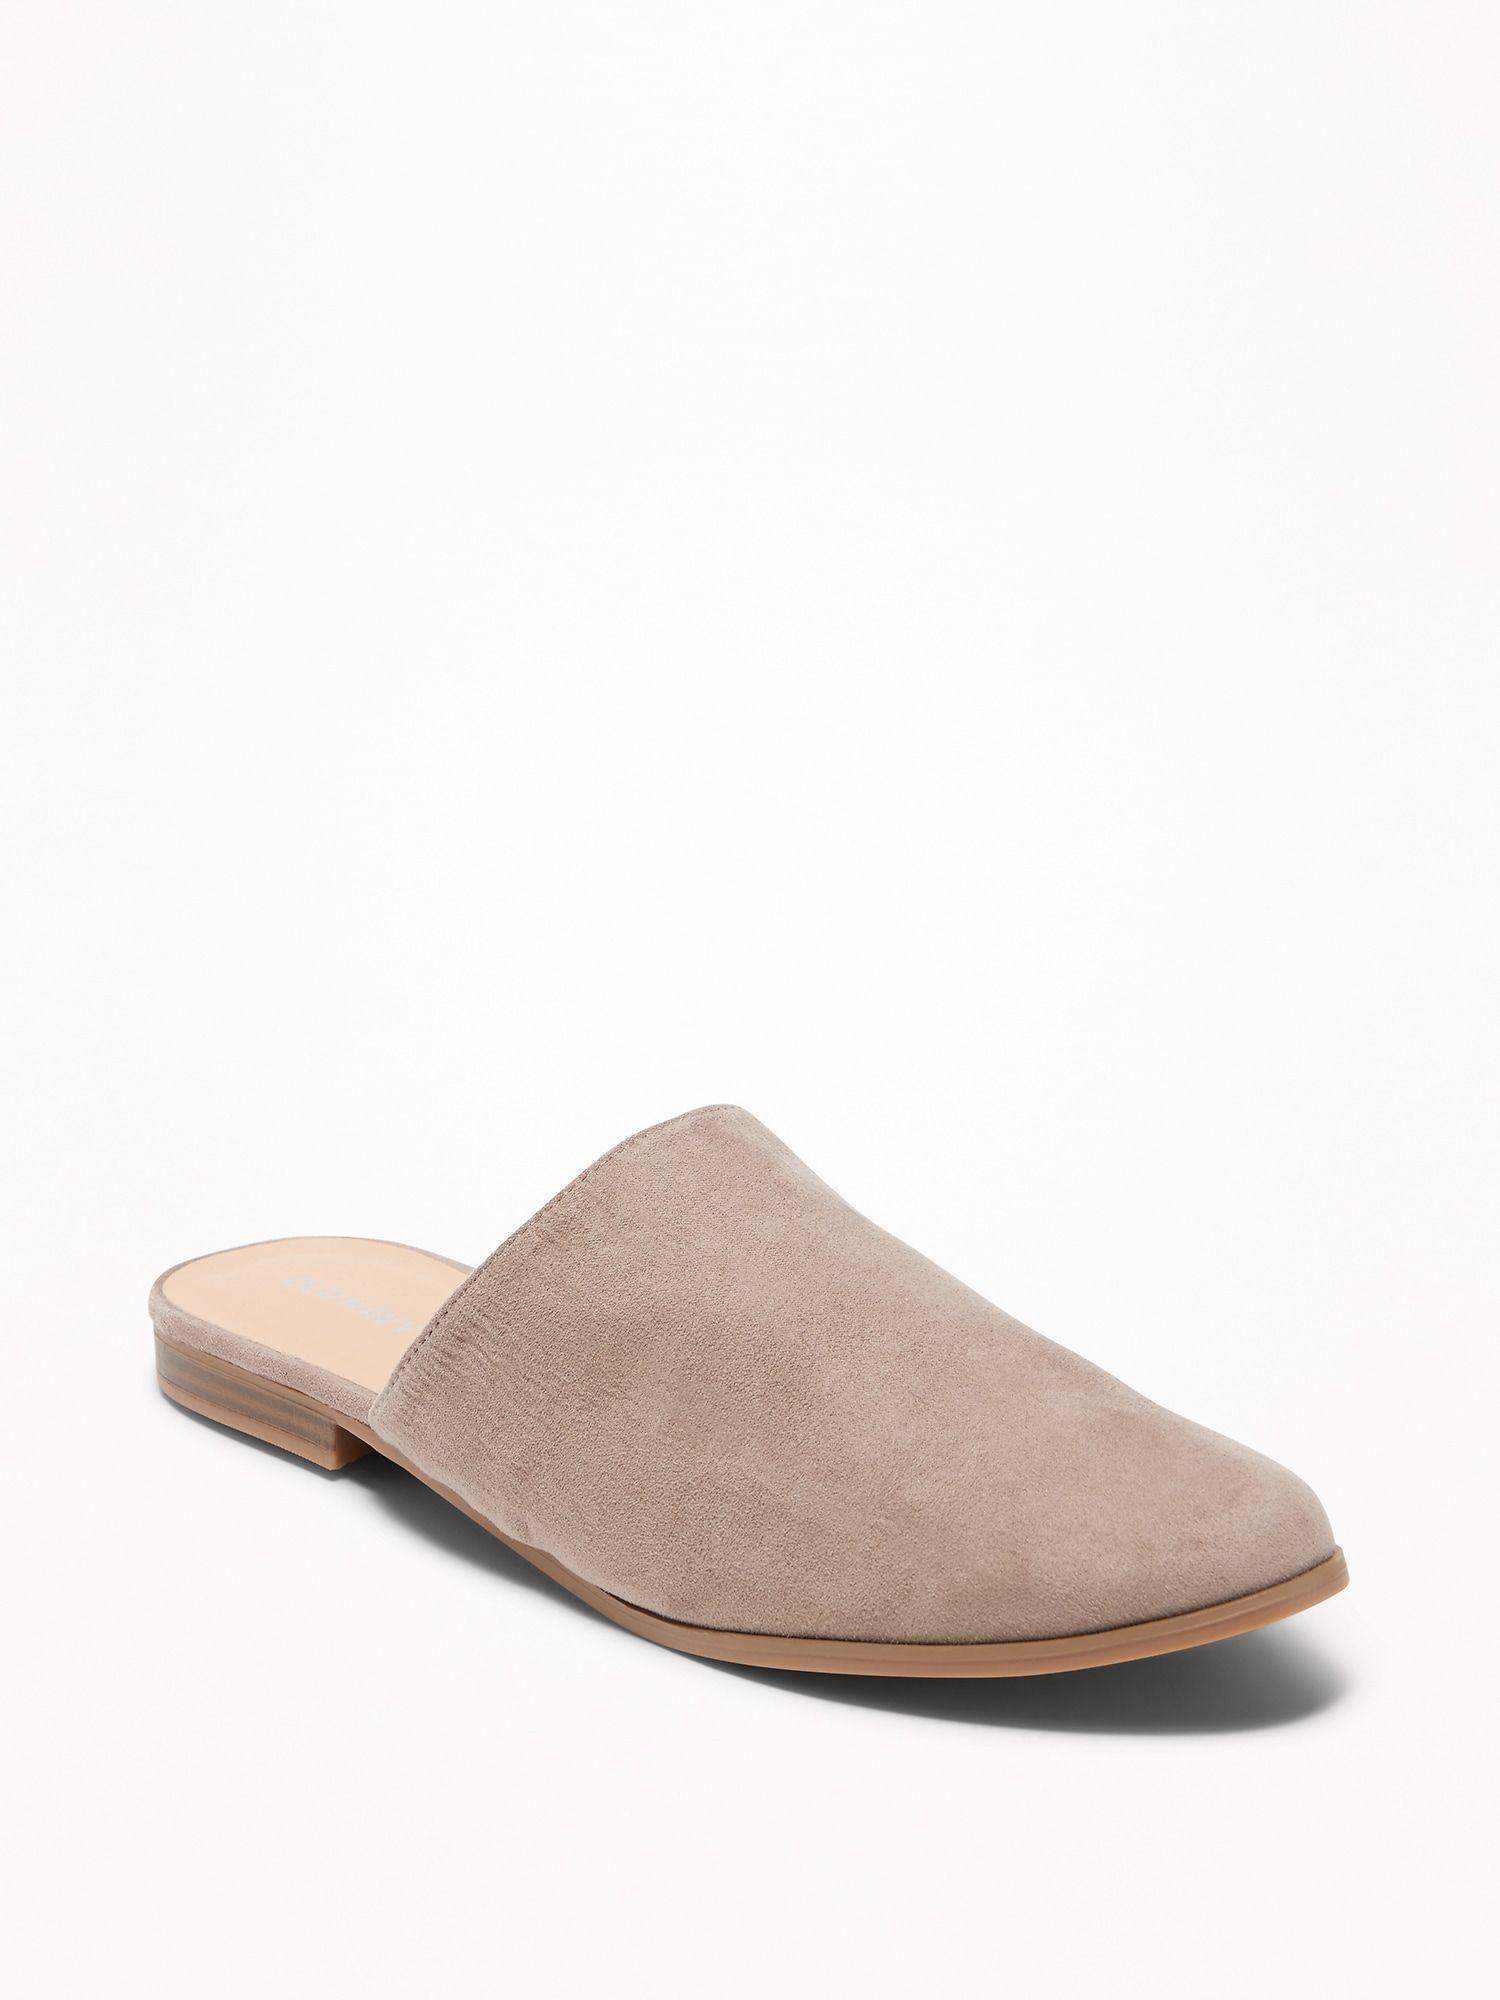 65d28438370d Faux-Suede Slide Mules for Women